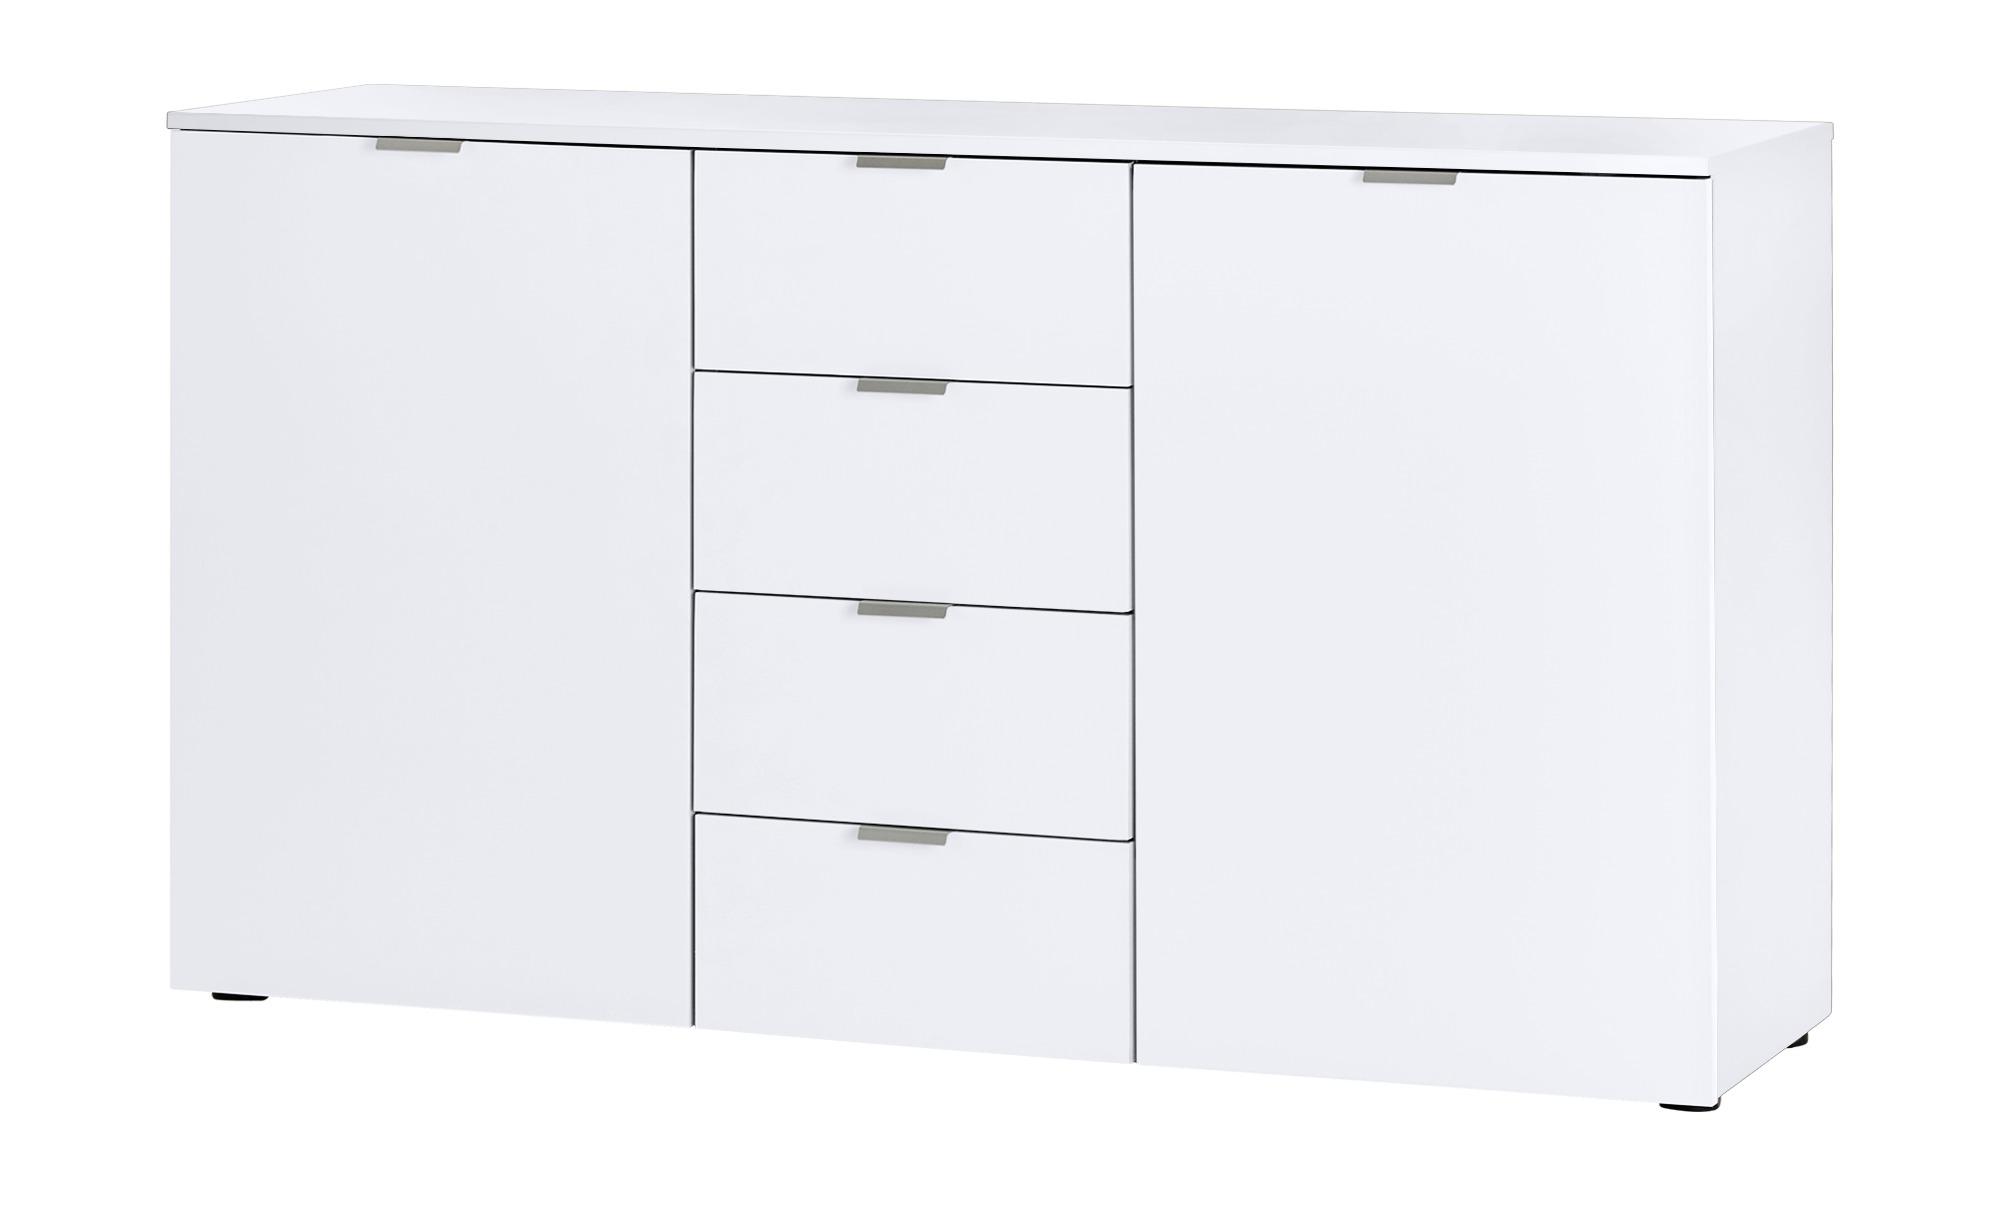 Kommode Dreamer Breite 140 Cm Höhe 80 Cm Weiß Online Kaufen Bei Woonio